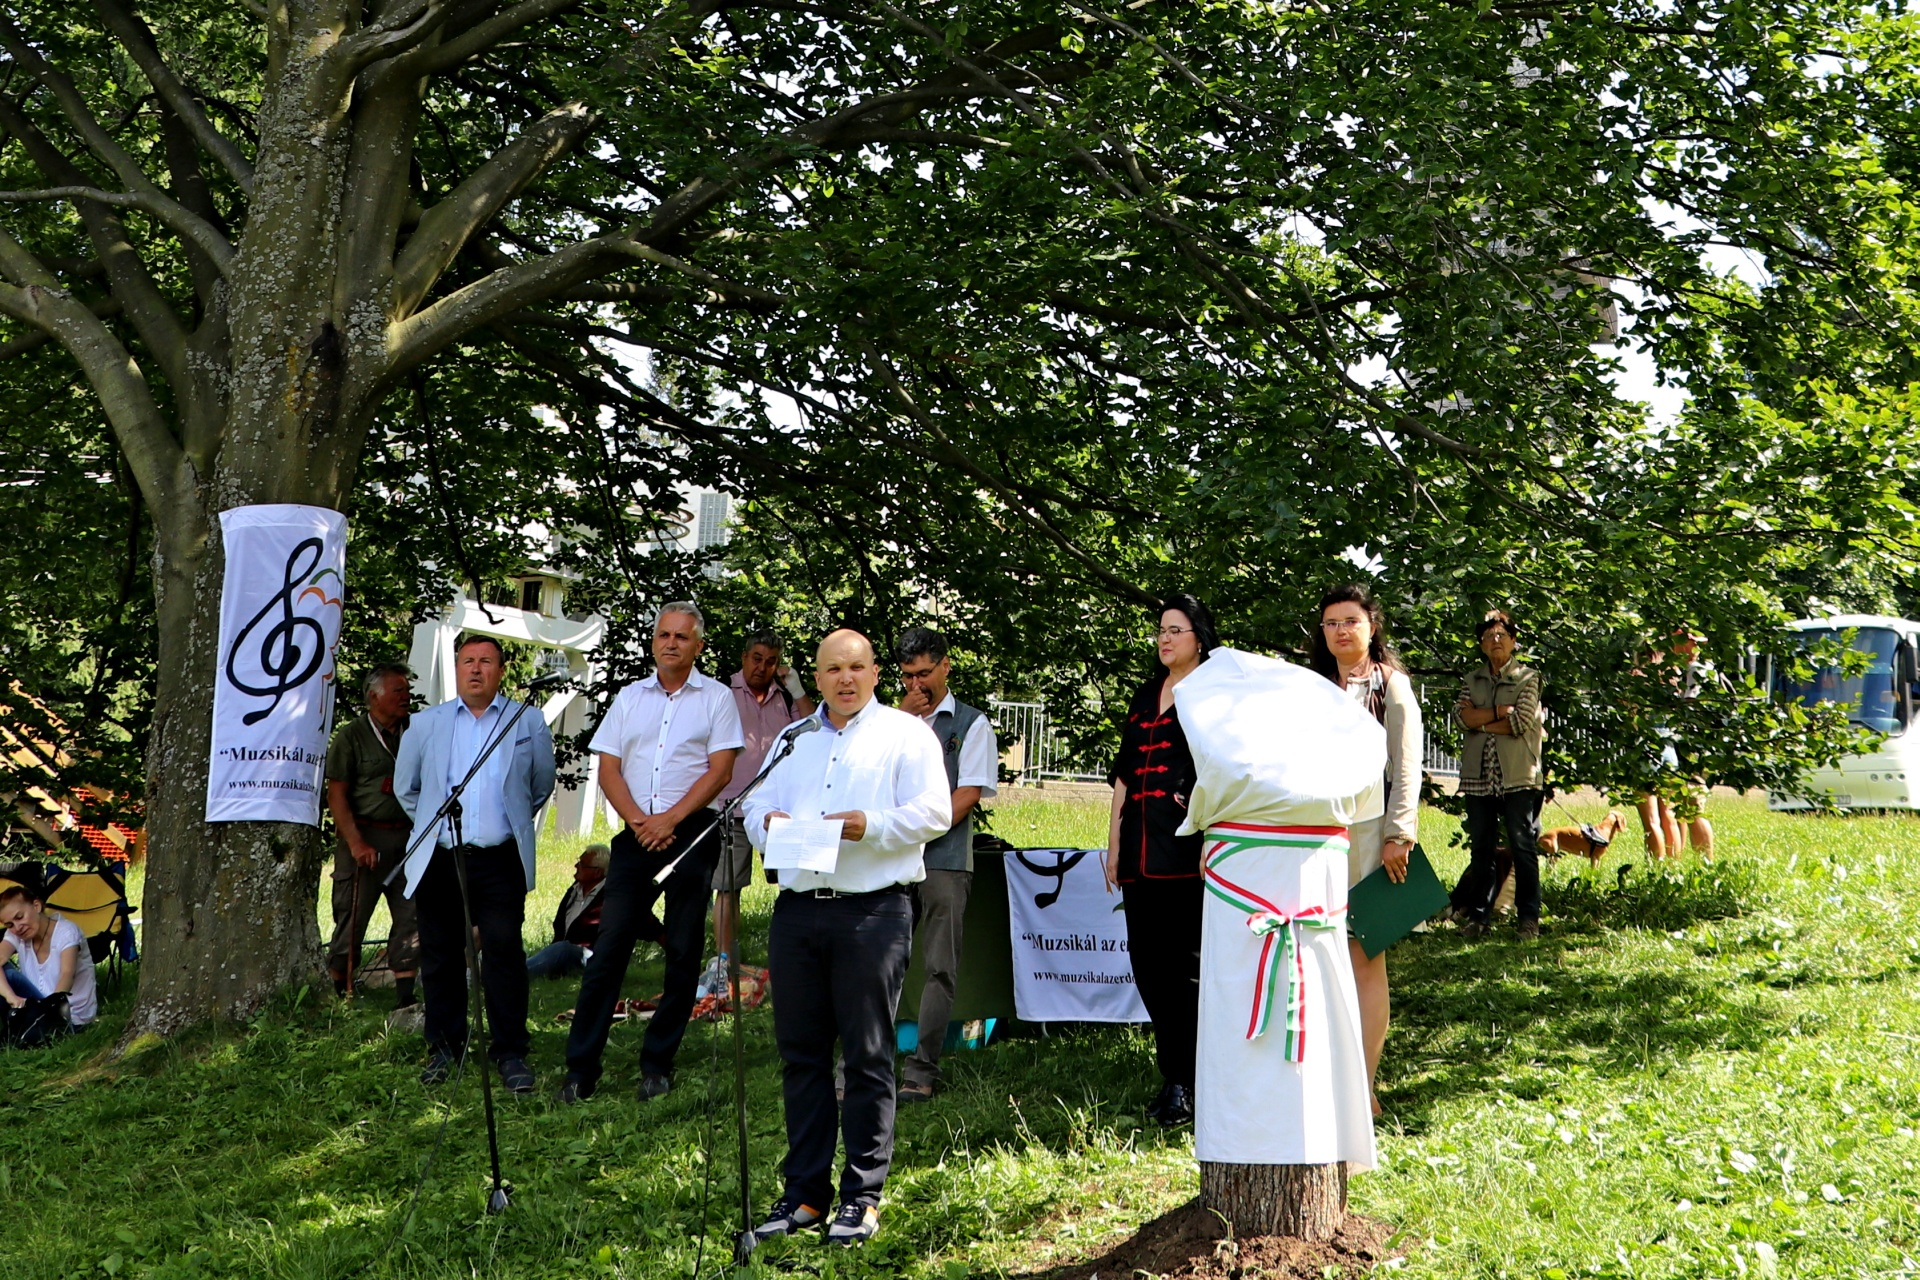 A Kékestetőn zárult a Muzsikál az erdő - Mátrai Művészeti Napok idei rendezvénysorozata